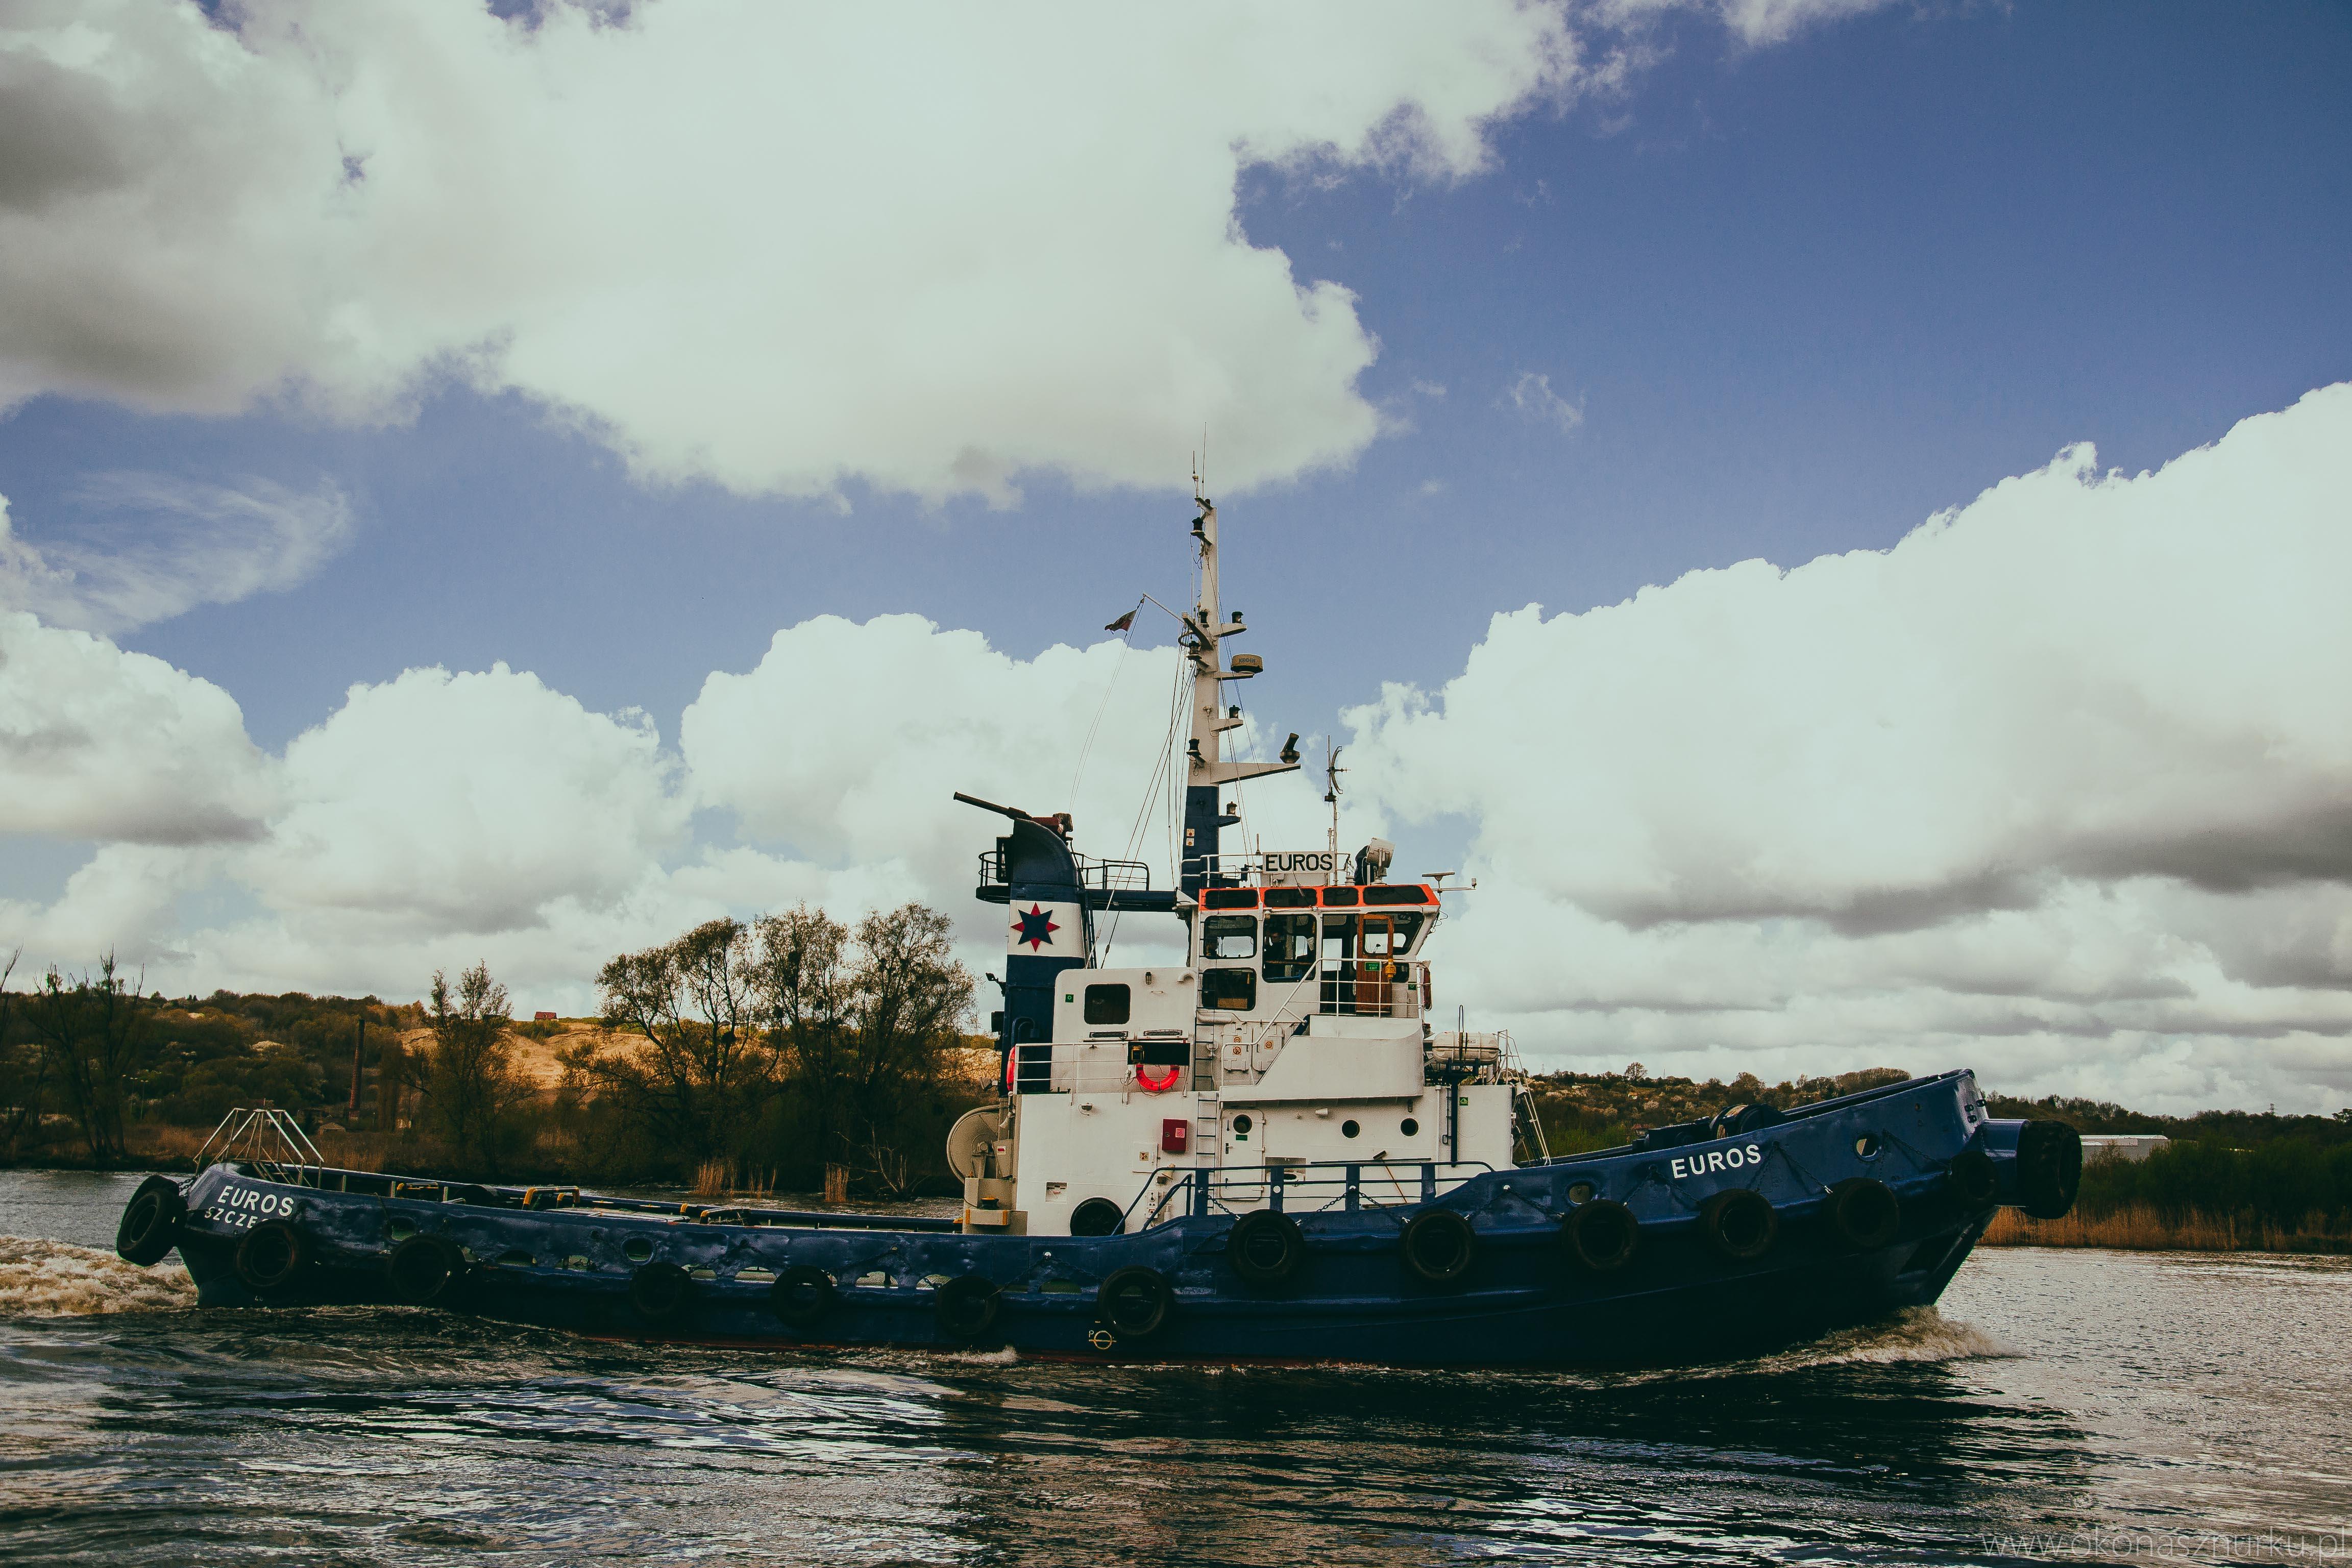 marina-jacht-wyprawy-morskie-silesia-szczecin-goclaw-lubczyna (42)